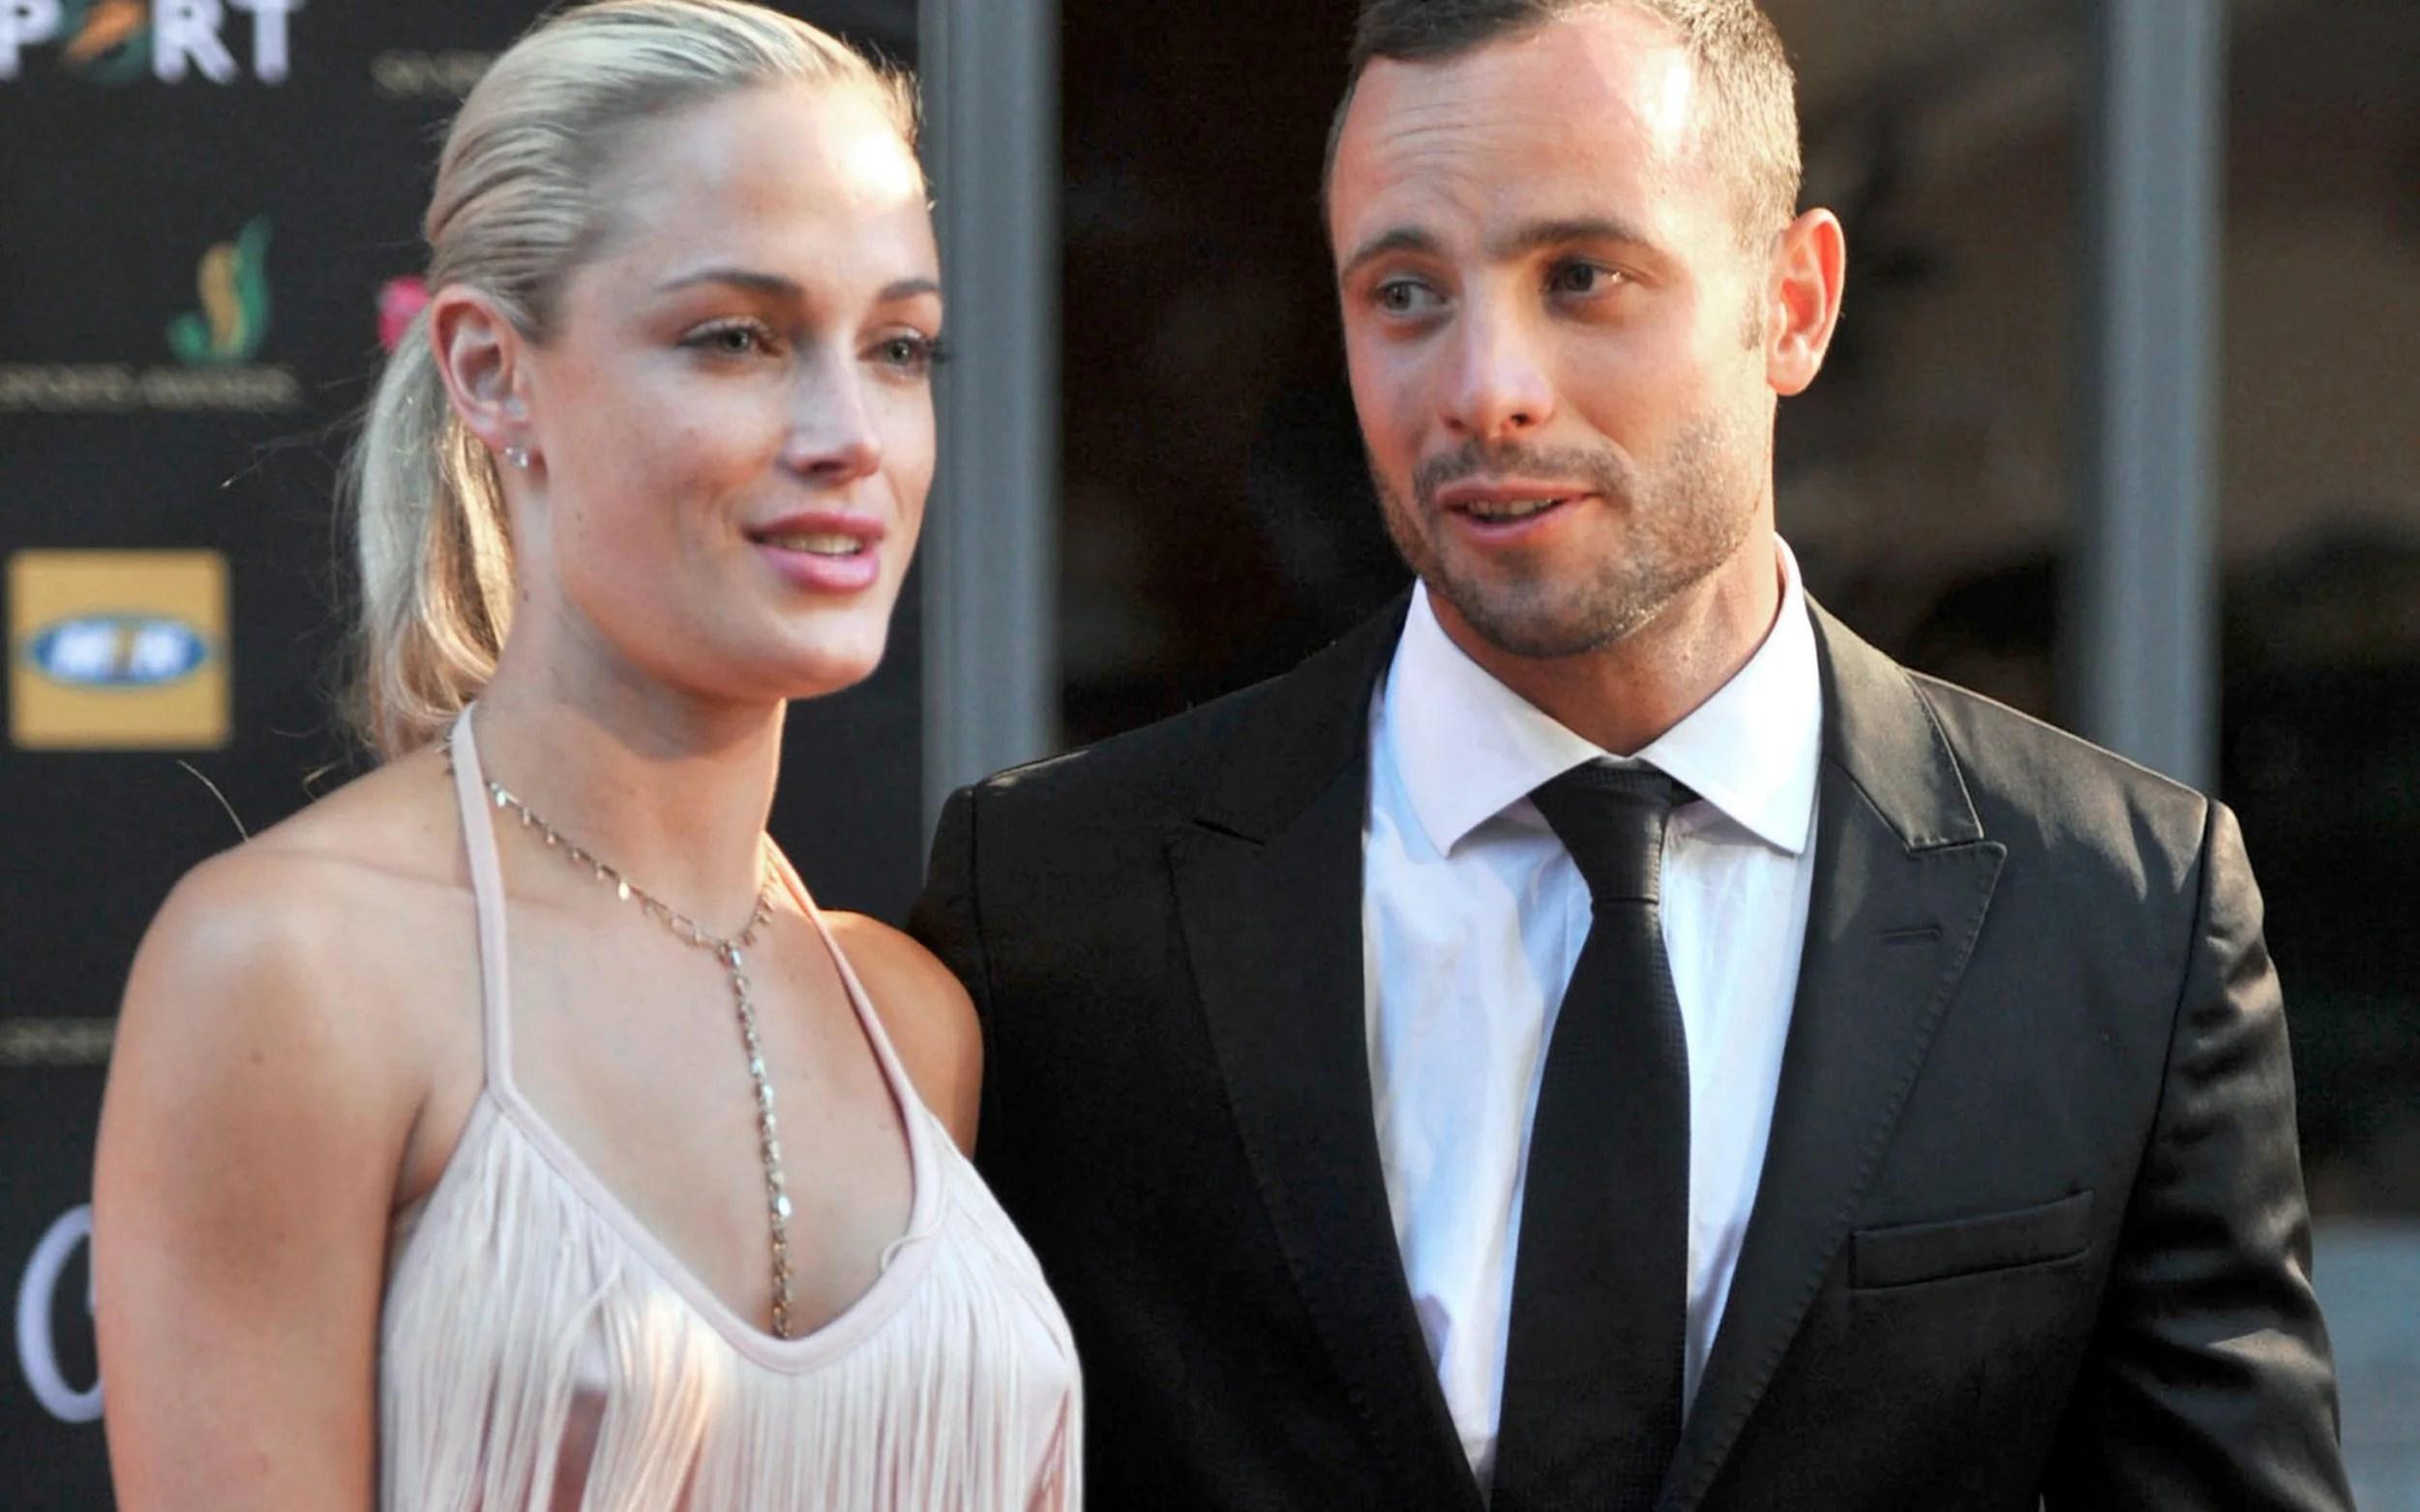 Gerrie Nel led the prosecution of sprinter Oscar Pistorius over the murder of his girlfriend Reeva Steenkamp